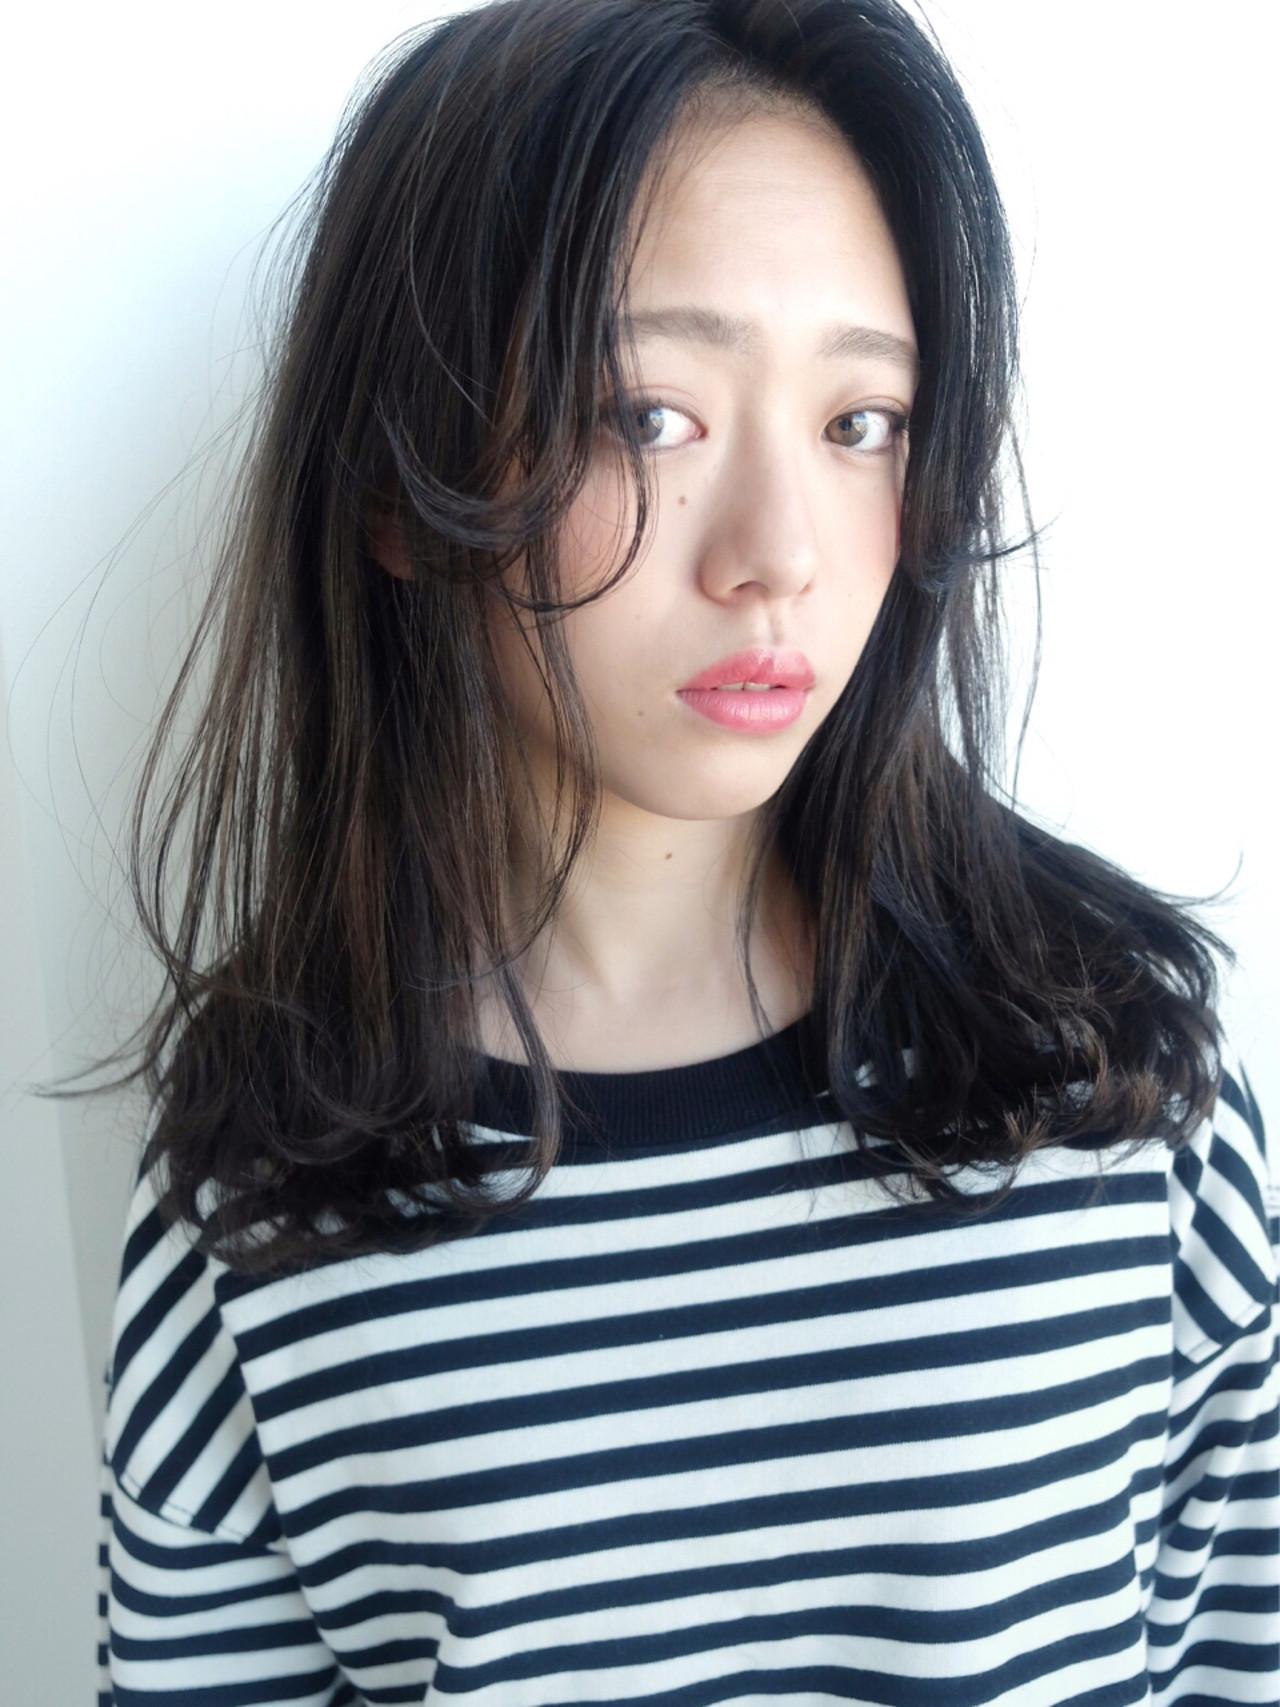 前髪の長さとはね感がかわいい❤️ ストレートでもオシャレに決まるミディアムヘア☆